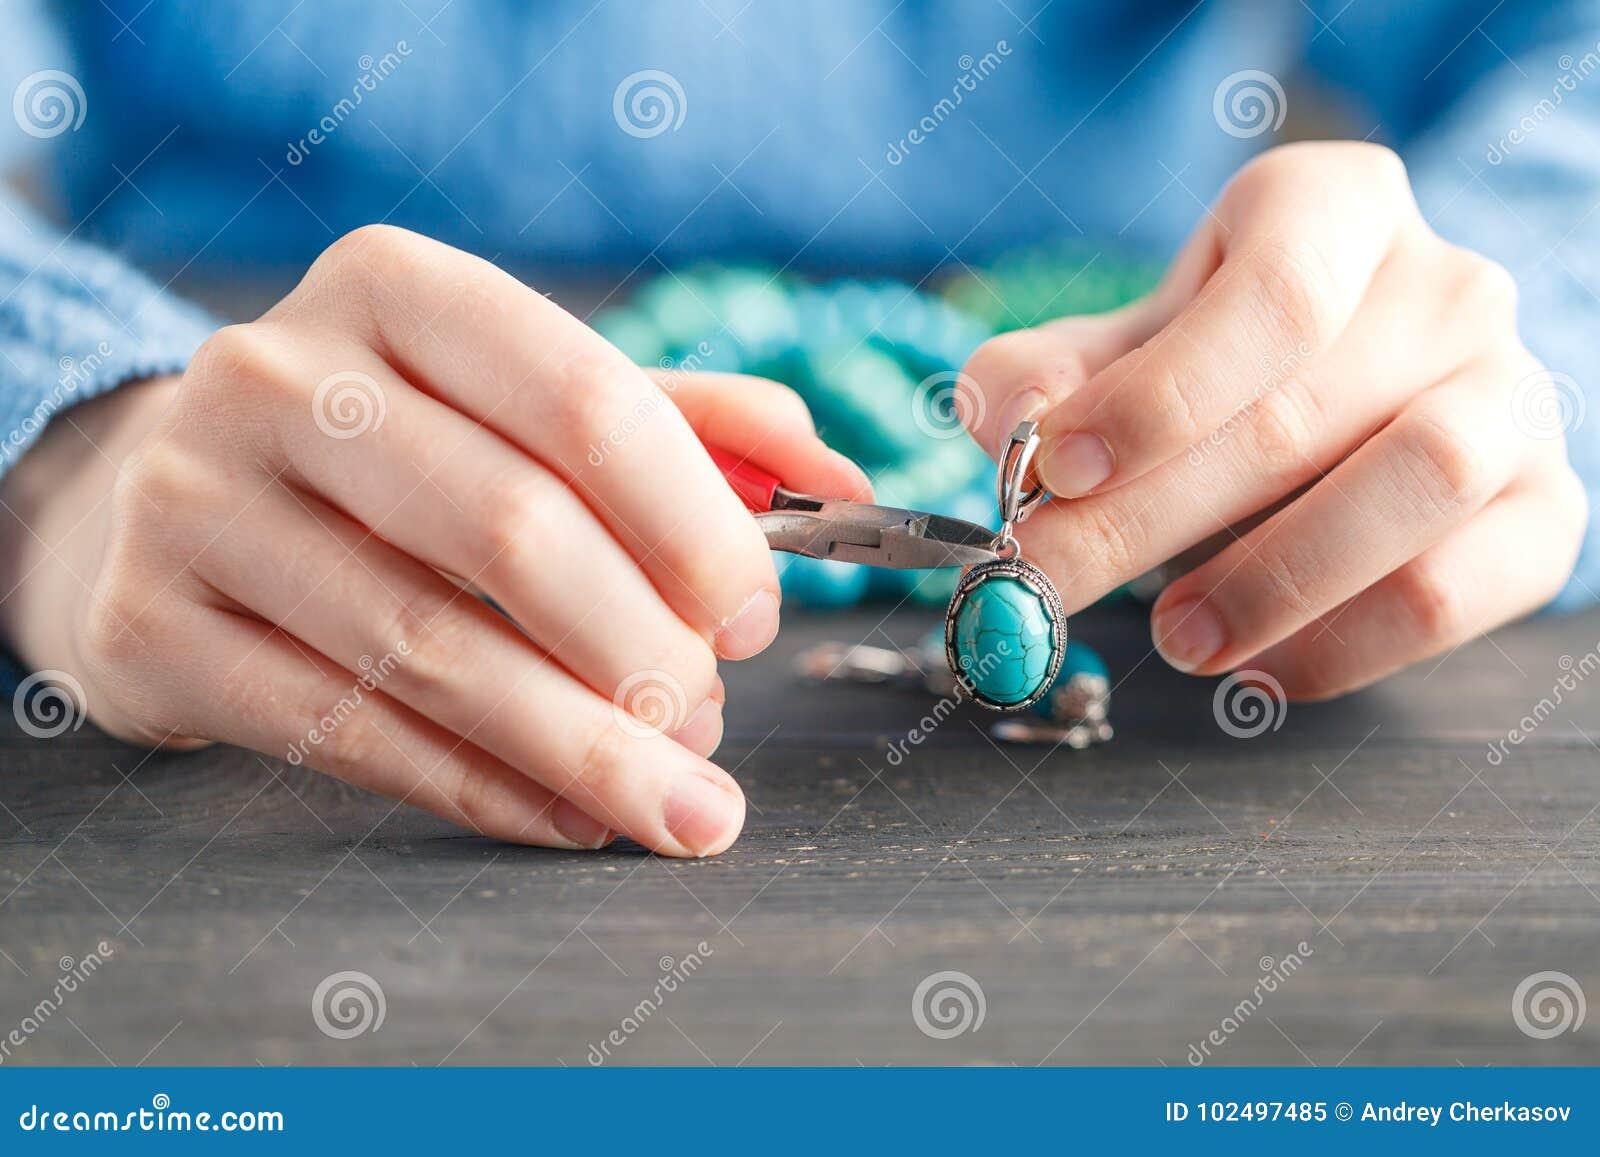 Brincos feitos a mão que fazem, oficina home O artesão da mulher cria a joia da borla Arte, passatempo, conceito do artesanato